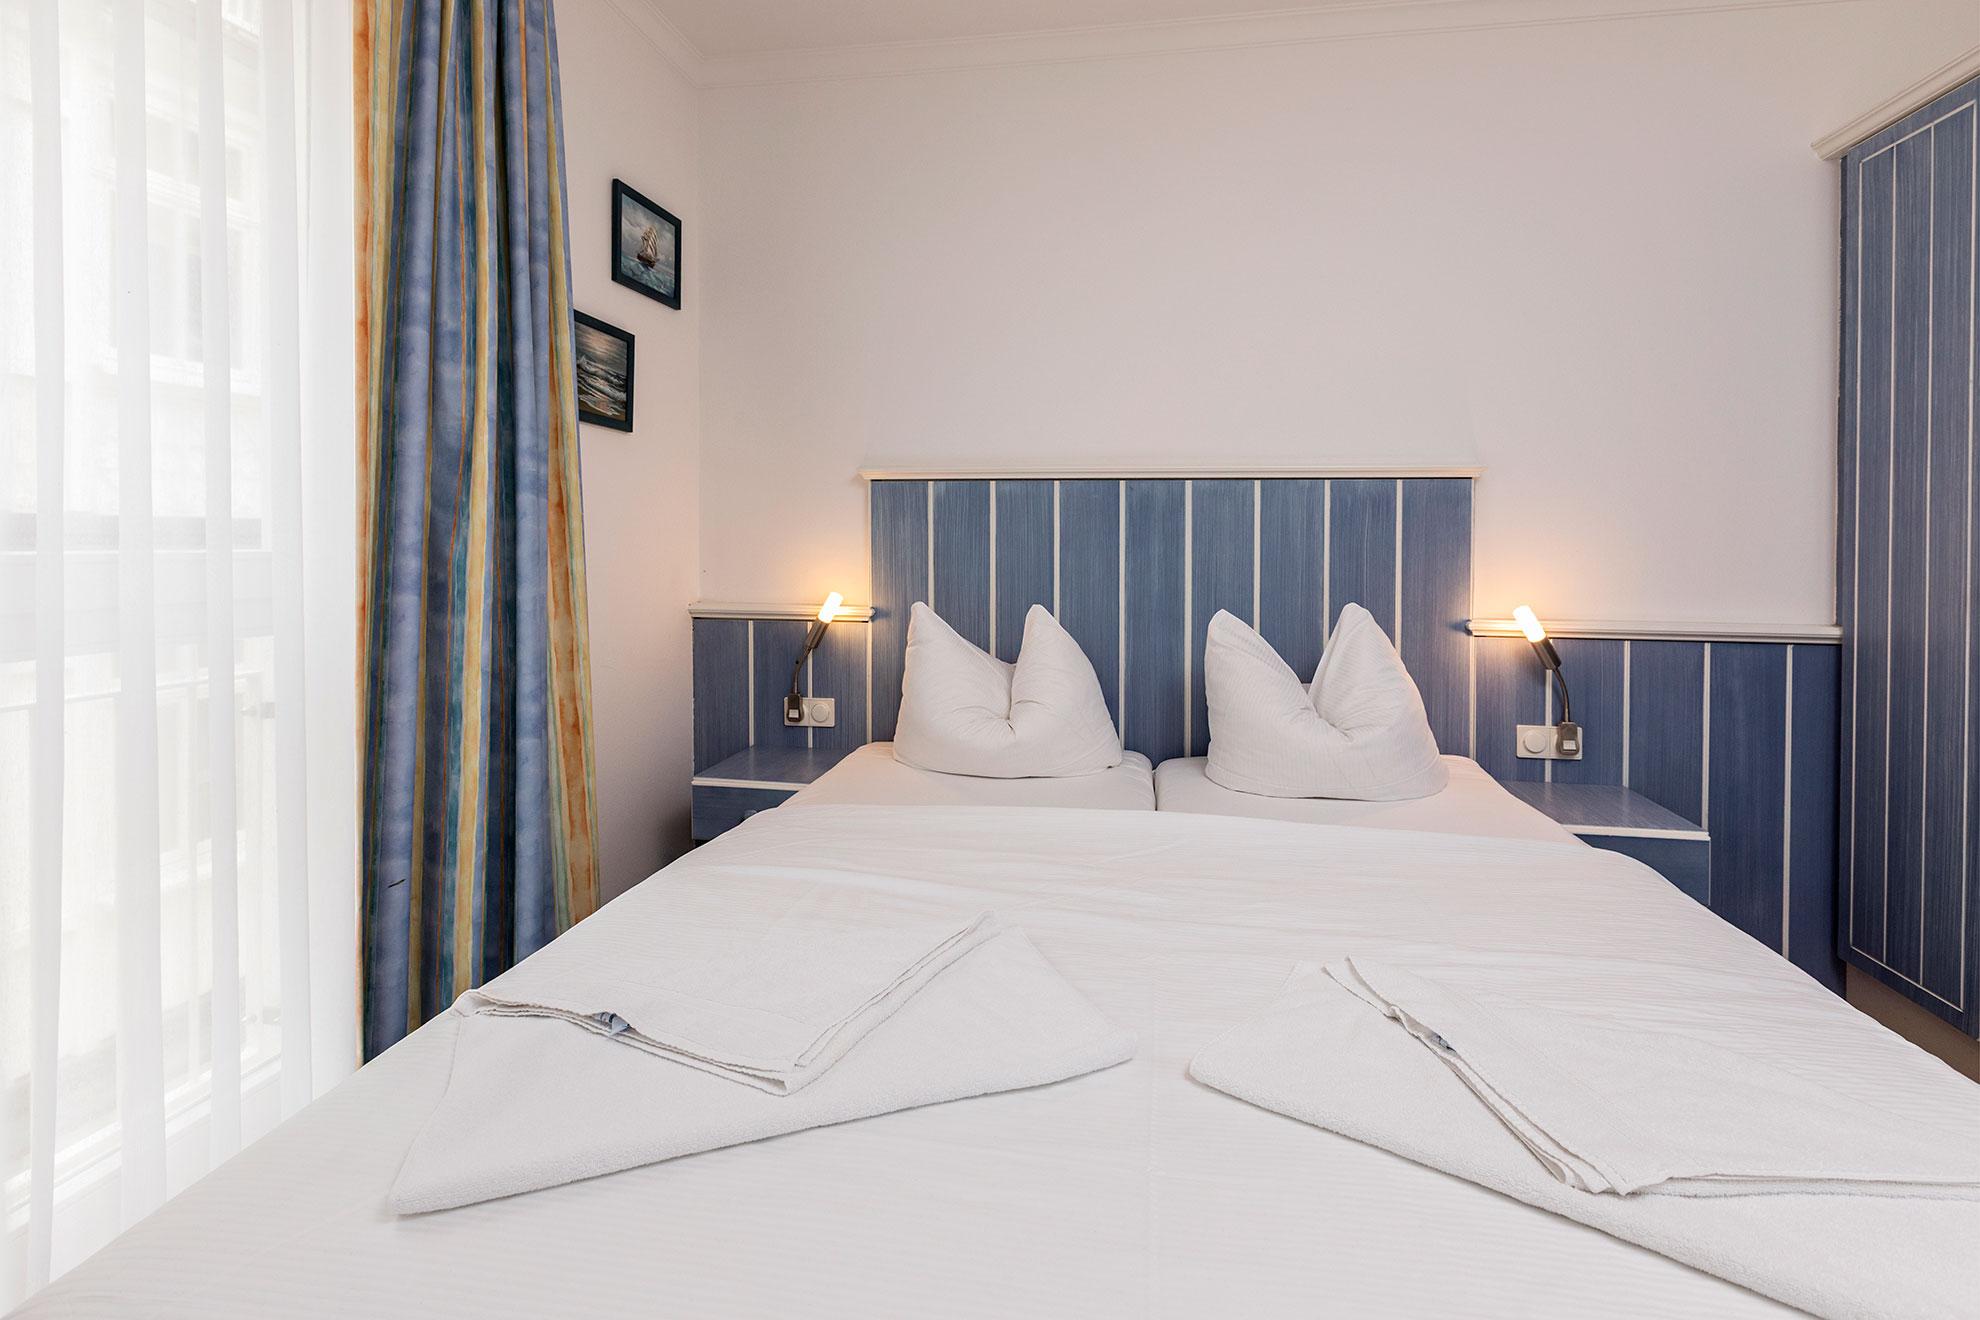 Ferienwohnung in der Villa Strandperle Binz - Appartement 13